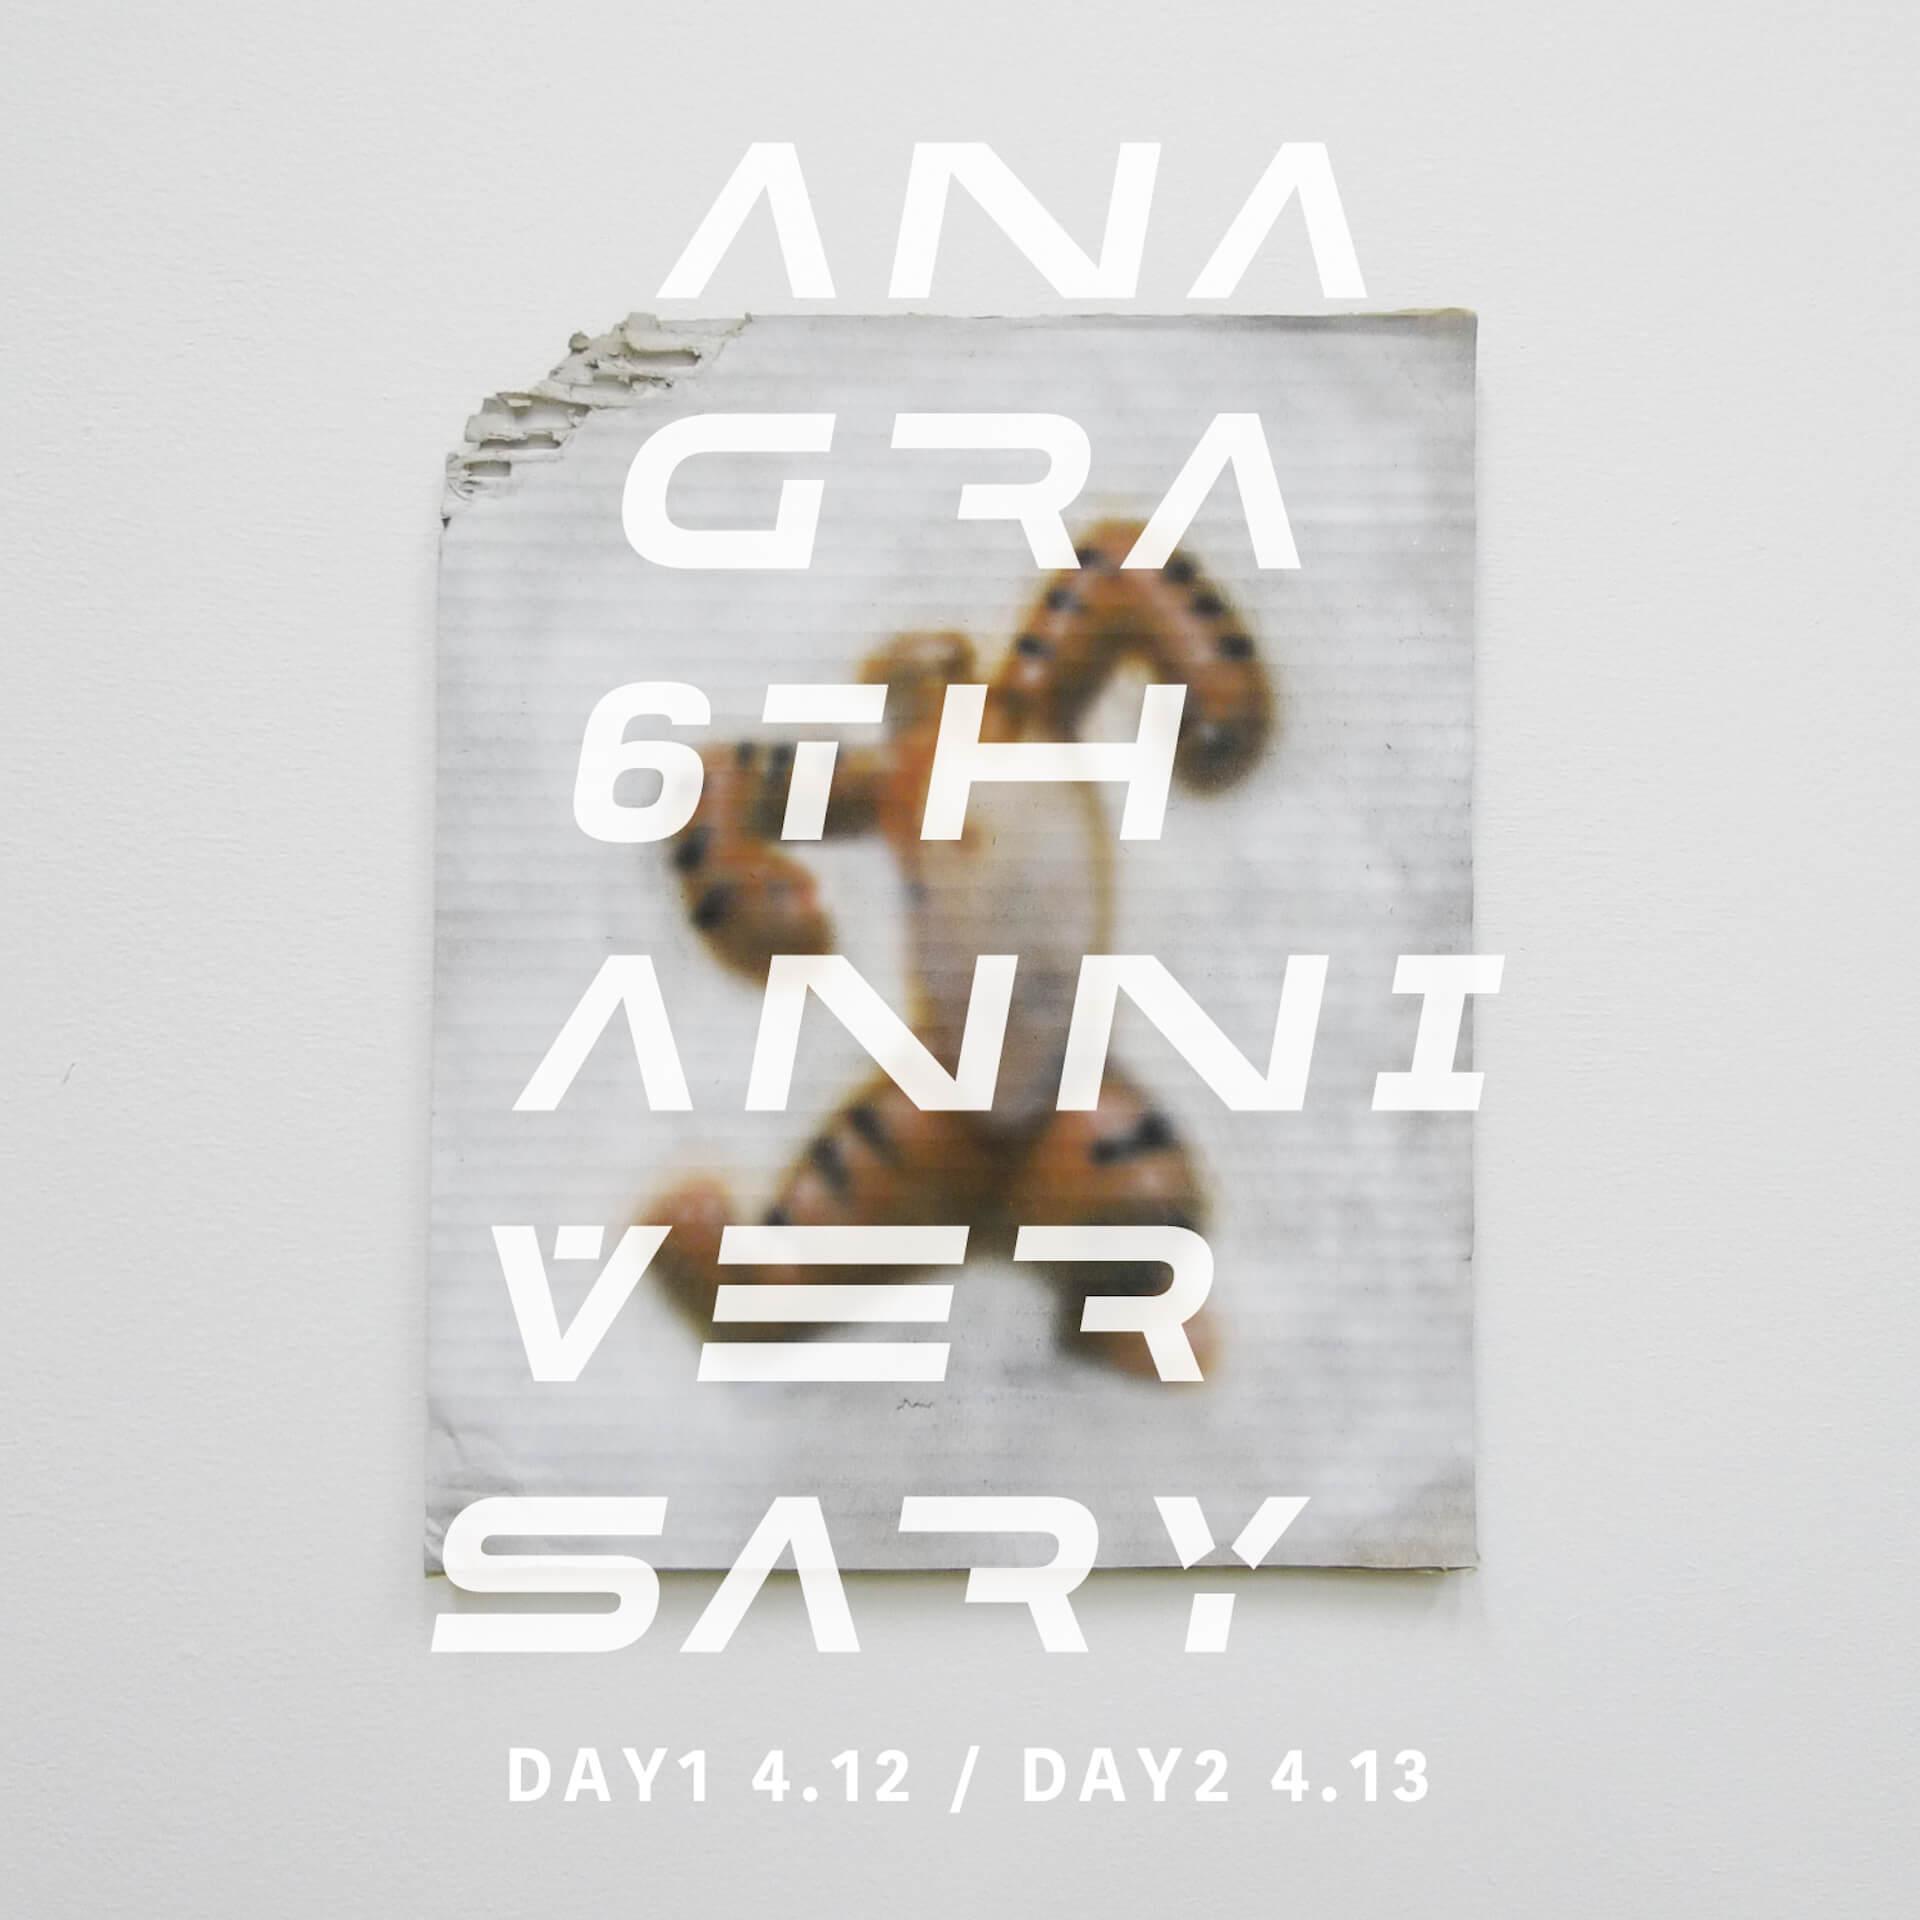 ANAGRAが6周年アニバーサリーで目にも耳にも心にも刺激的な2日間をお届け art-culture190401-anagra-5